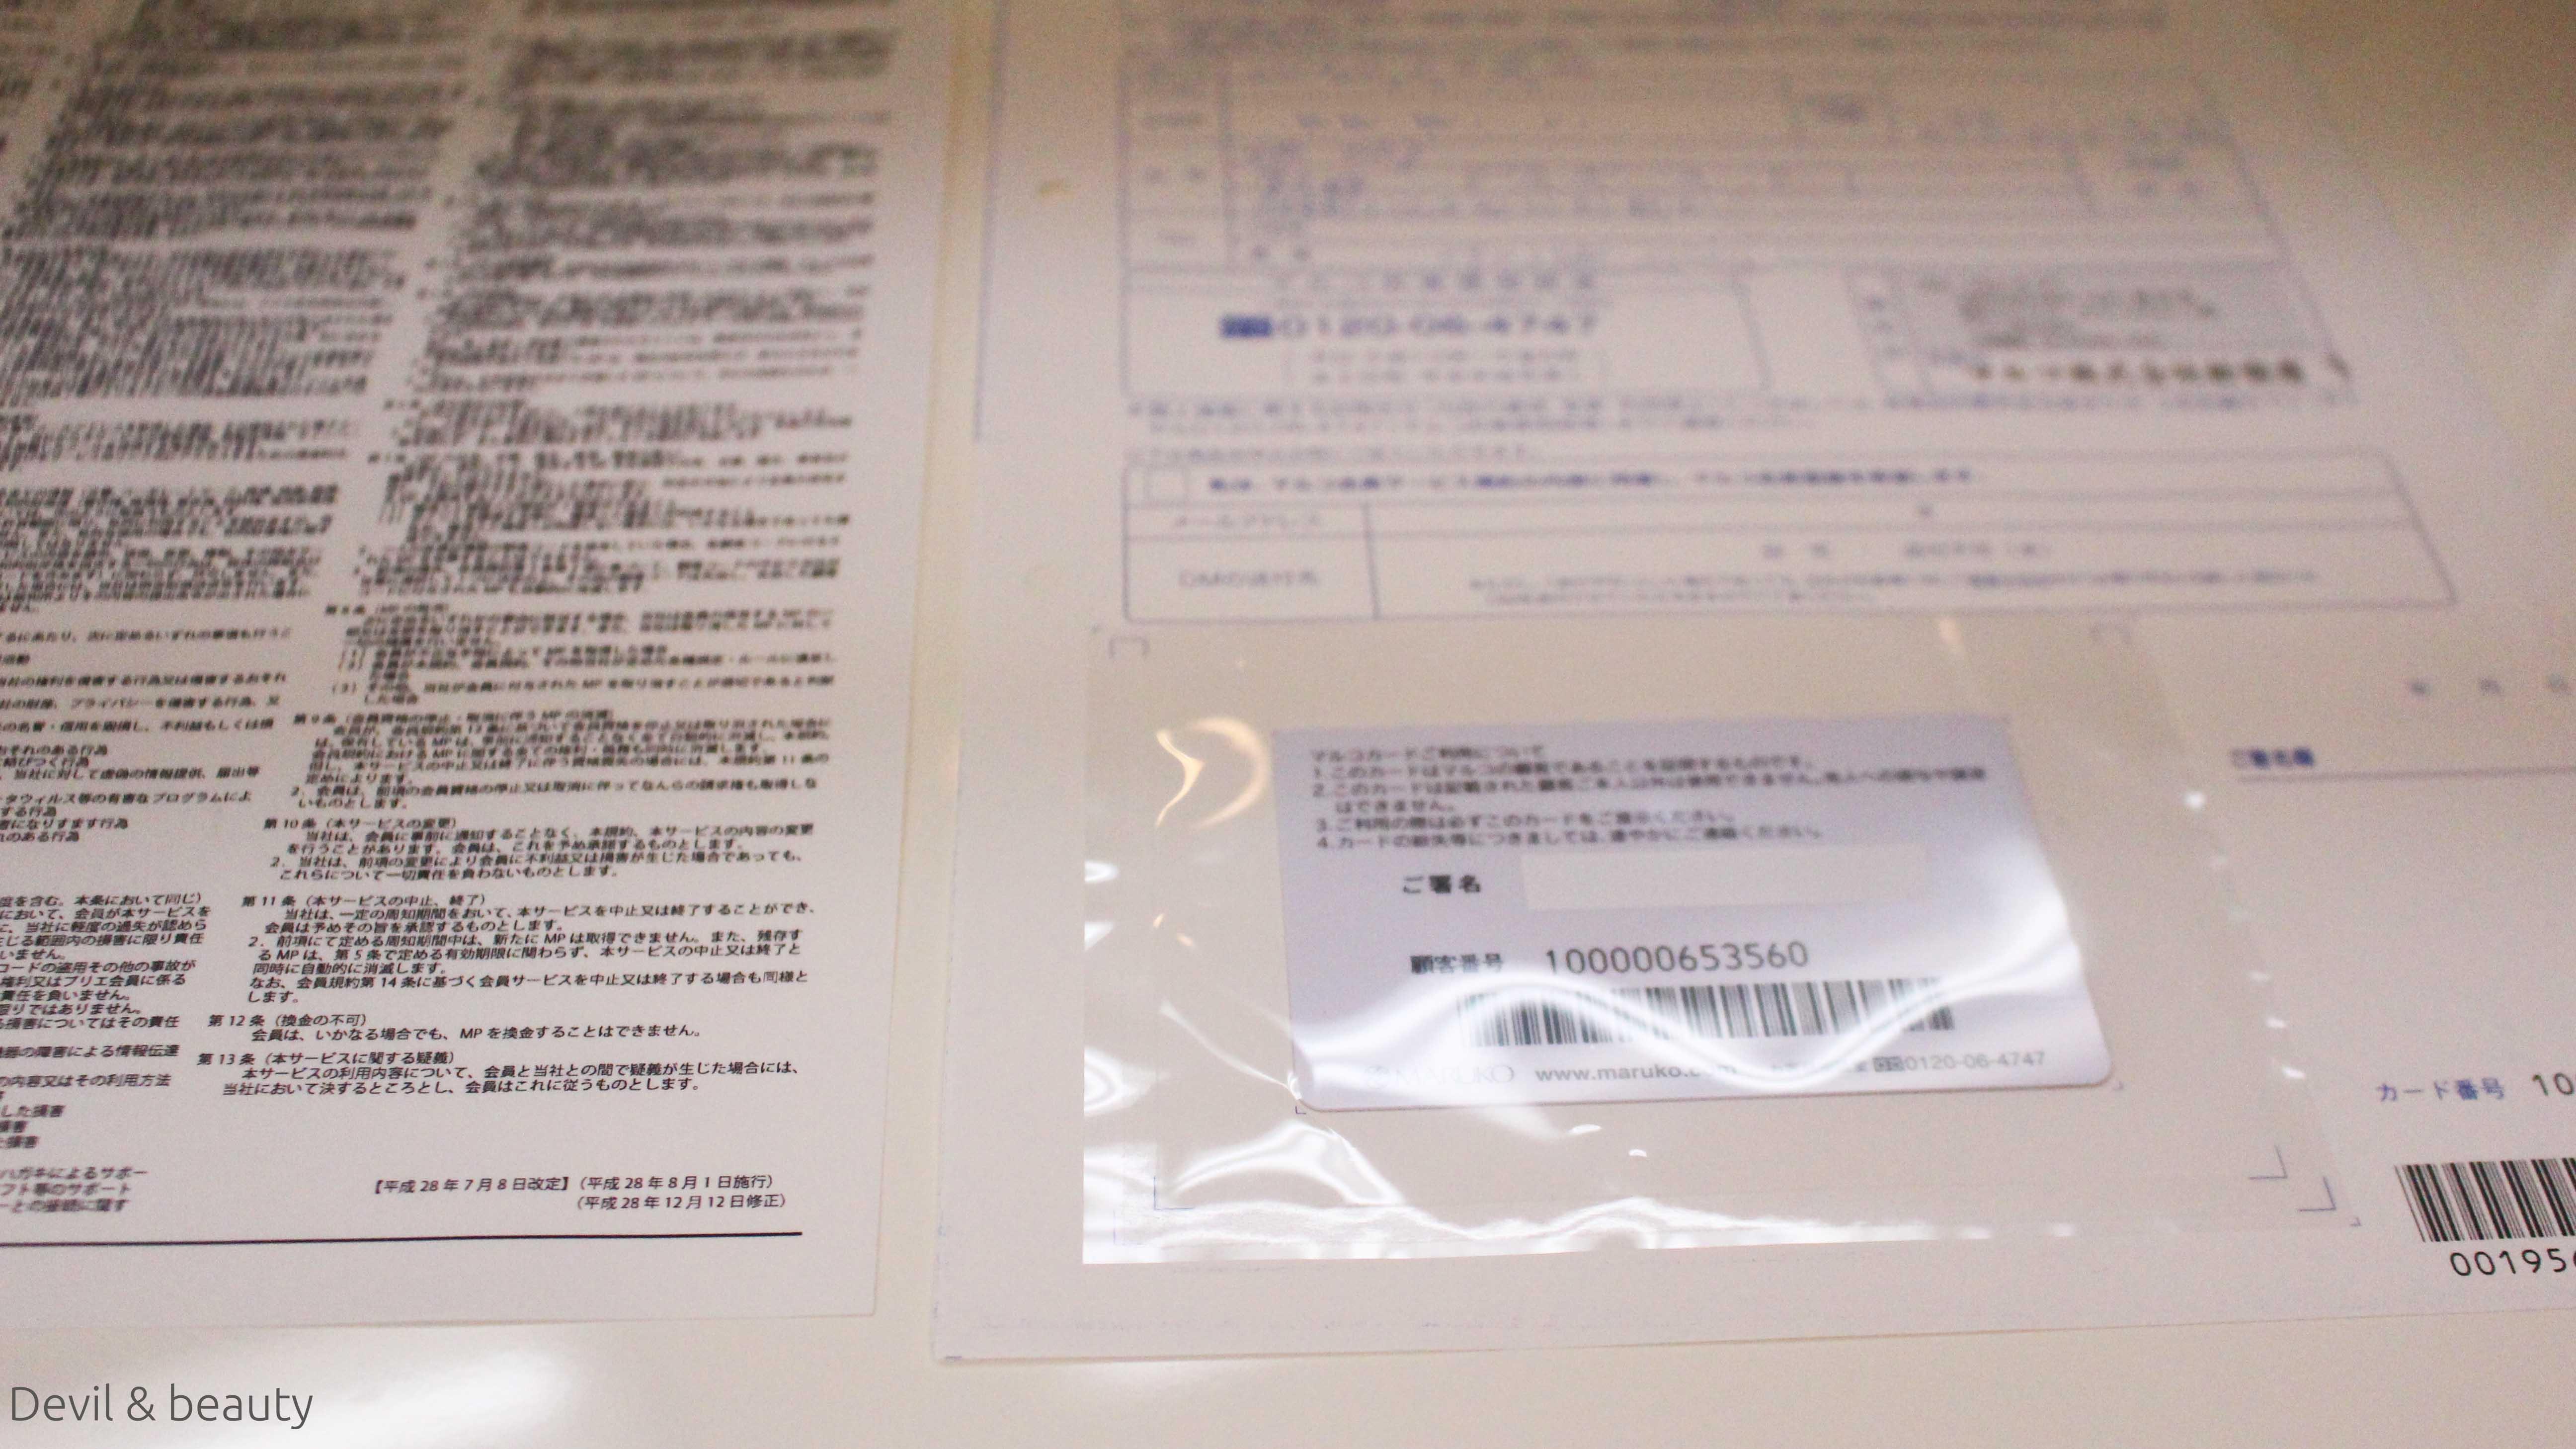 maruko-shinjyuku-4times16 - image